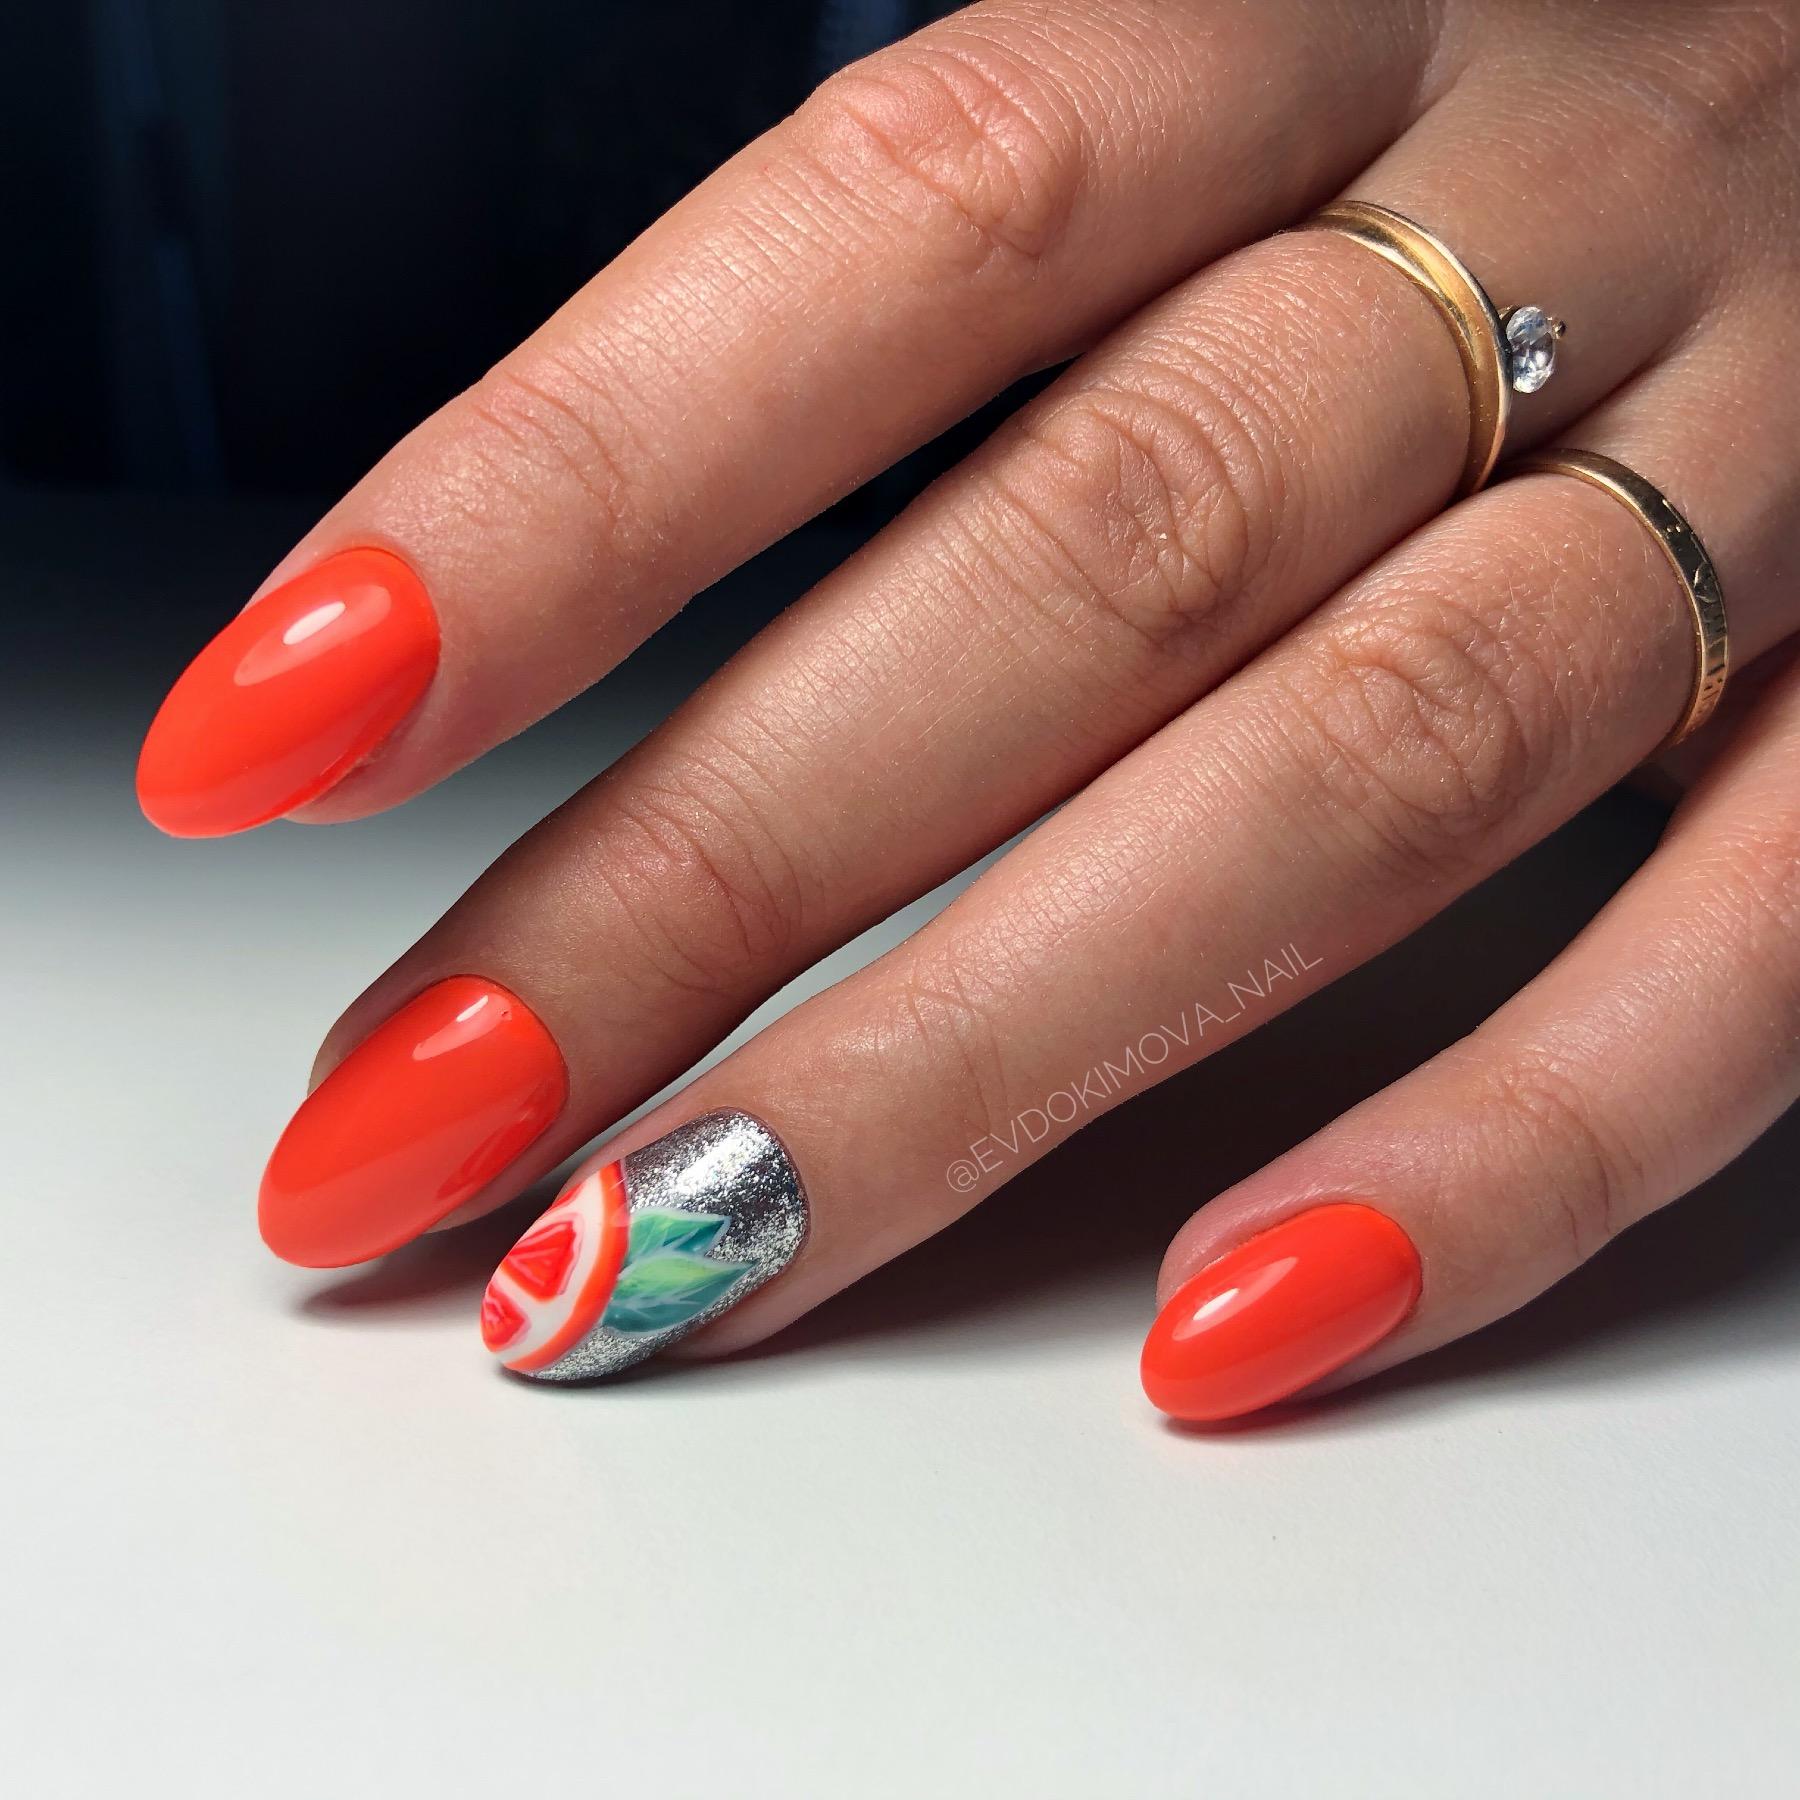 Маникюр с апельсином и серебряными блестками в рыжем цвете на короткие ногти.